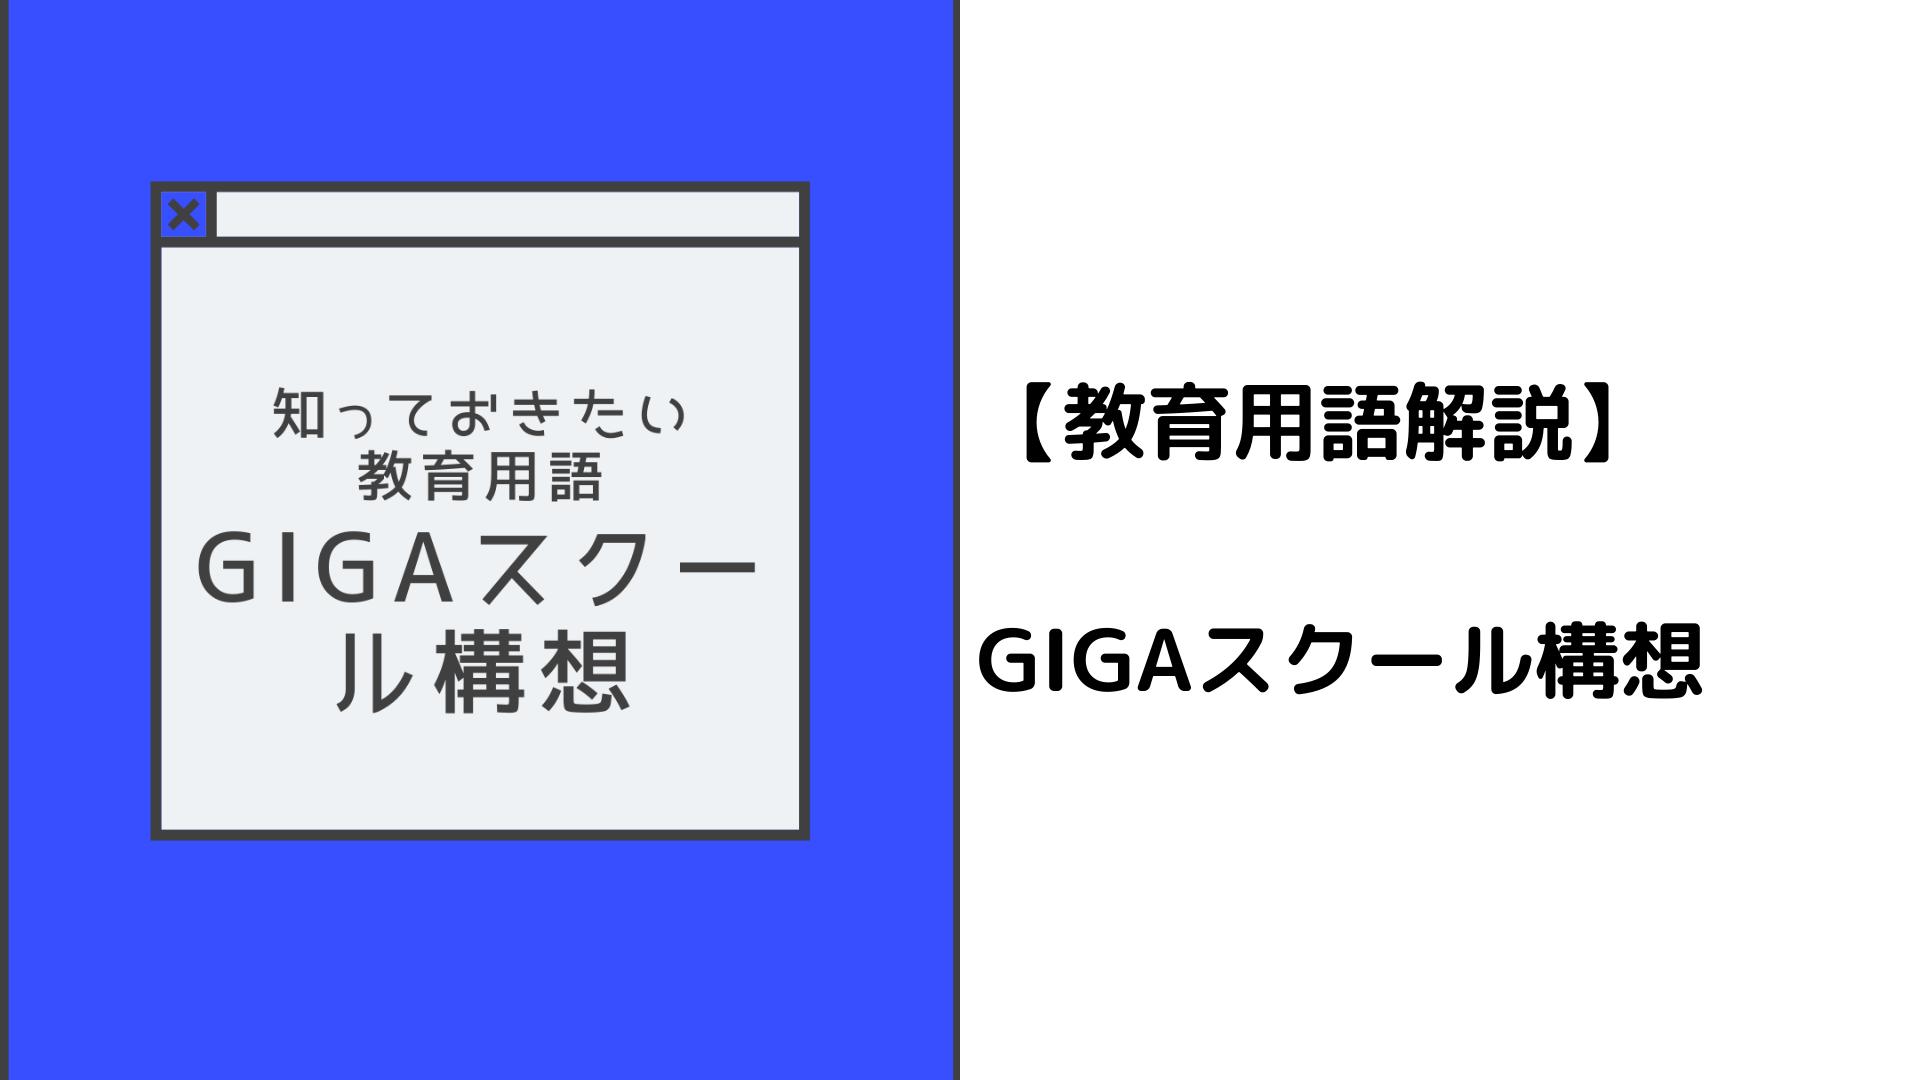 教育用語解説:GIGAスクール構想